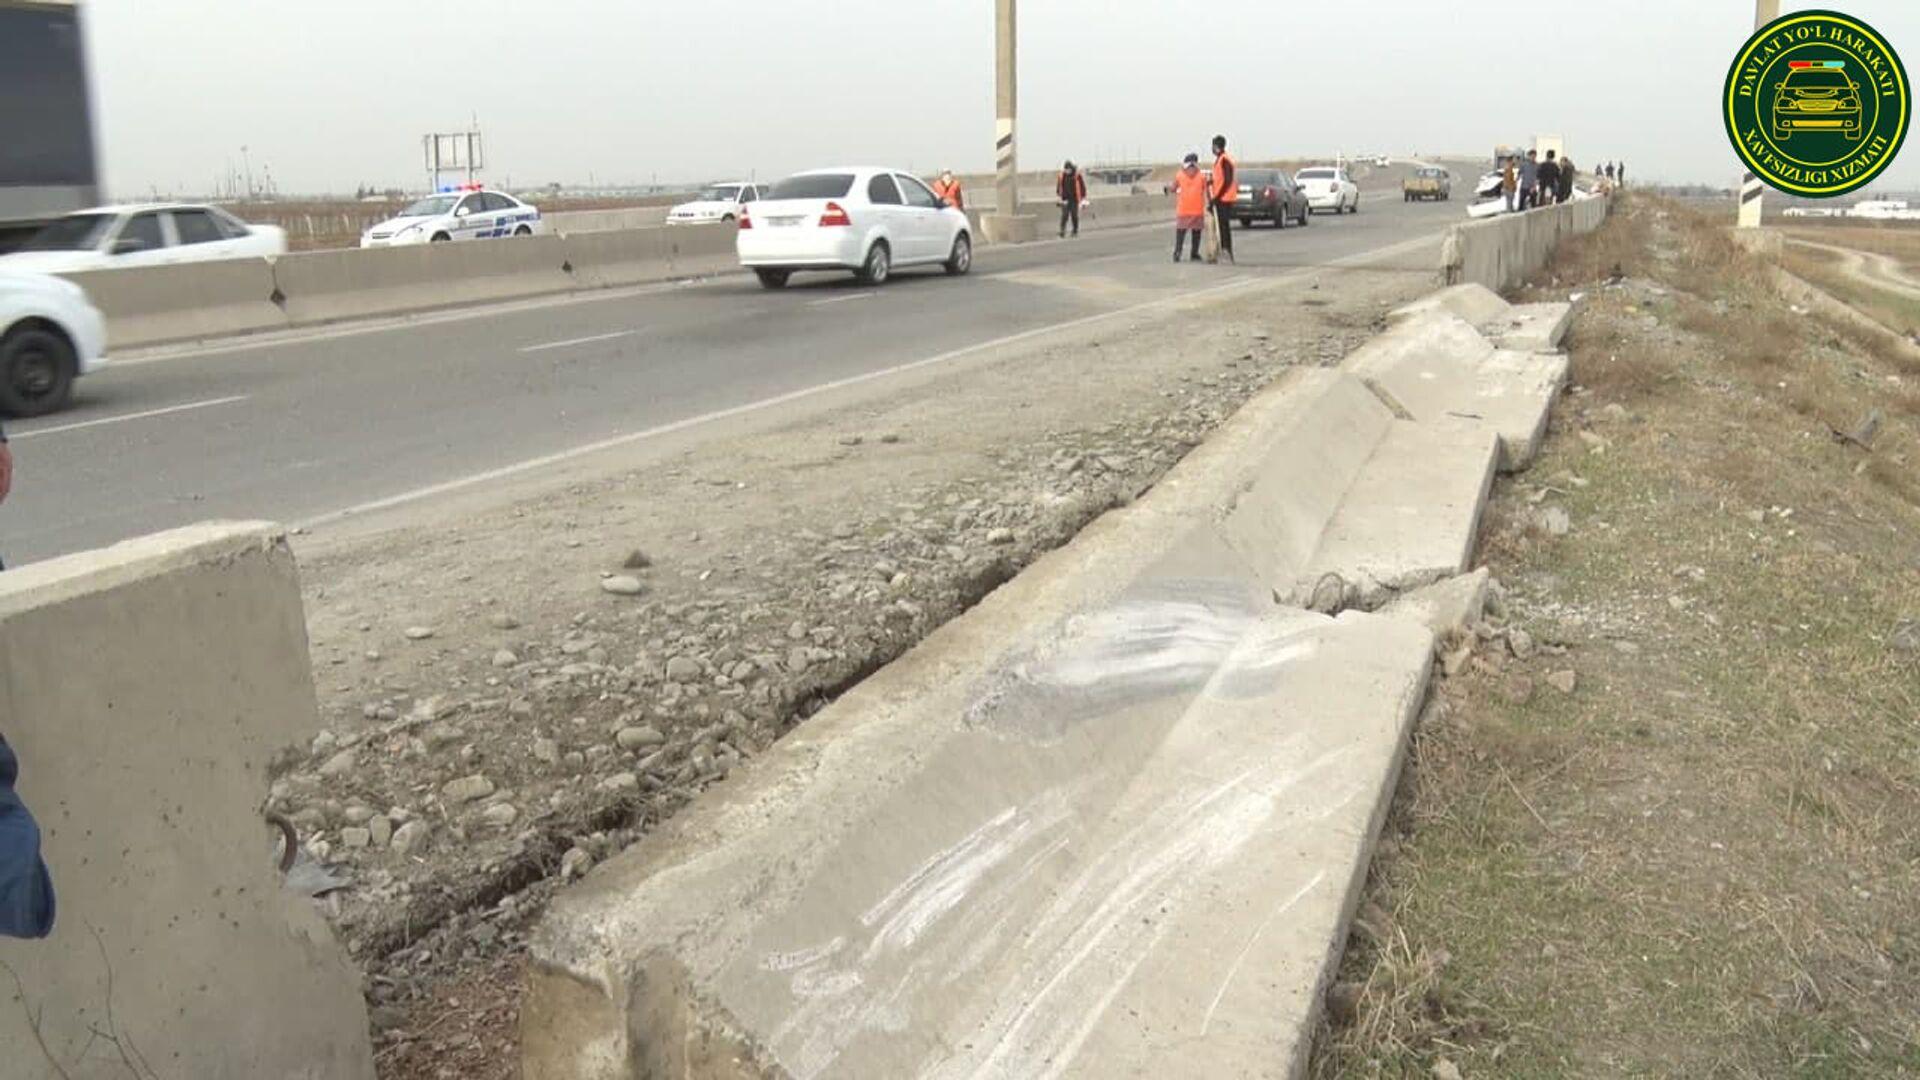 В Джизакской области водитель влетел в бетонное ограждение - Sputnik Узбекистан, 1920, 10.03.2021